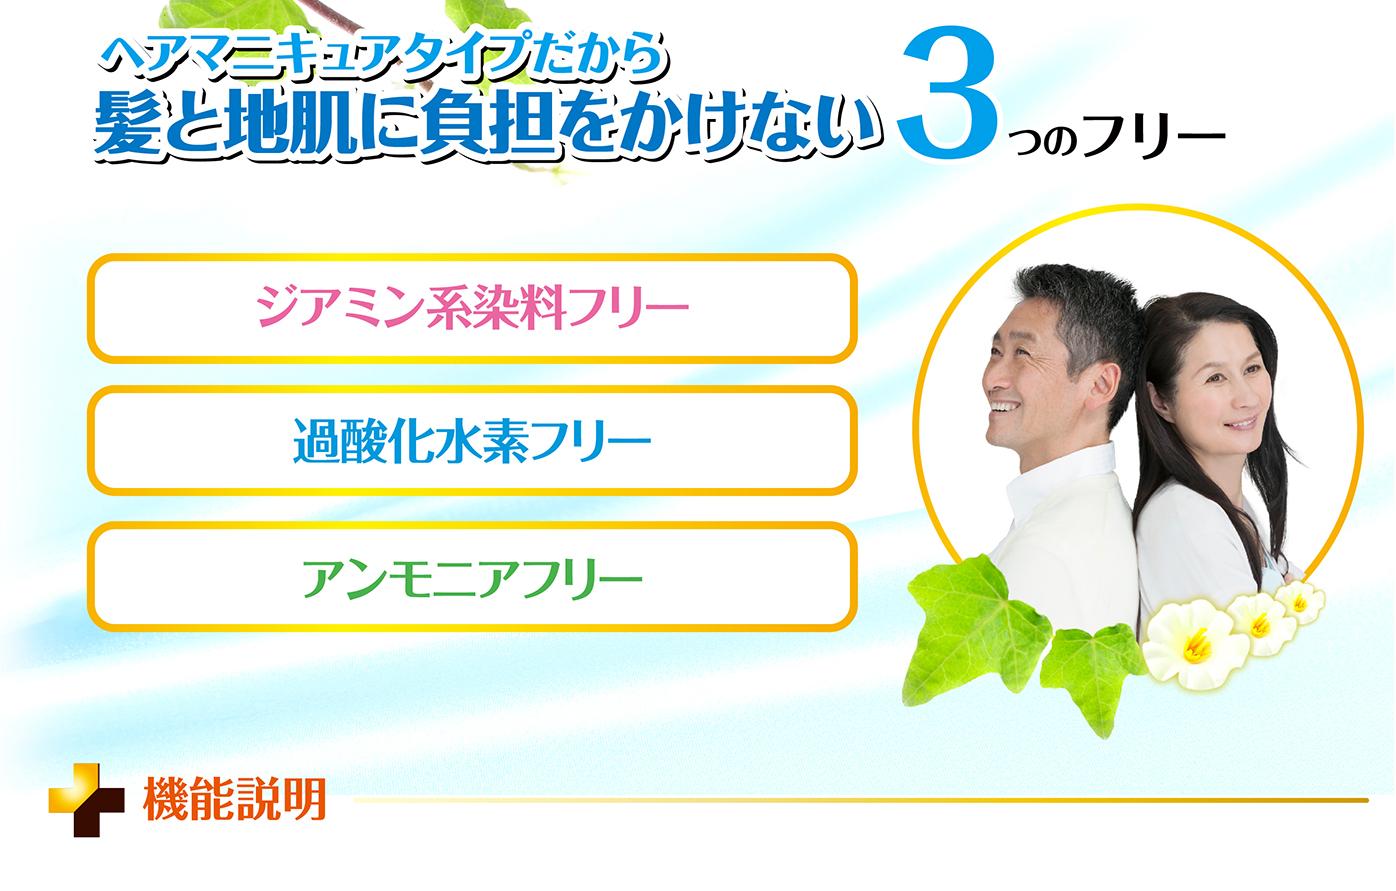 ジアミン系染料フリー・過酸化水素フリー・アンモニアフリー